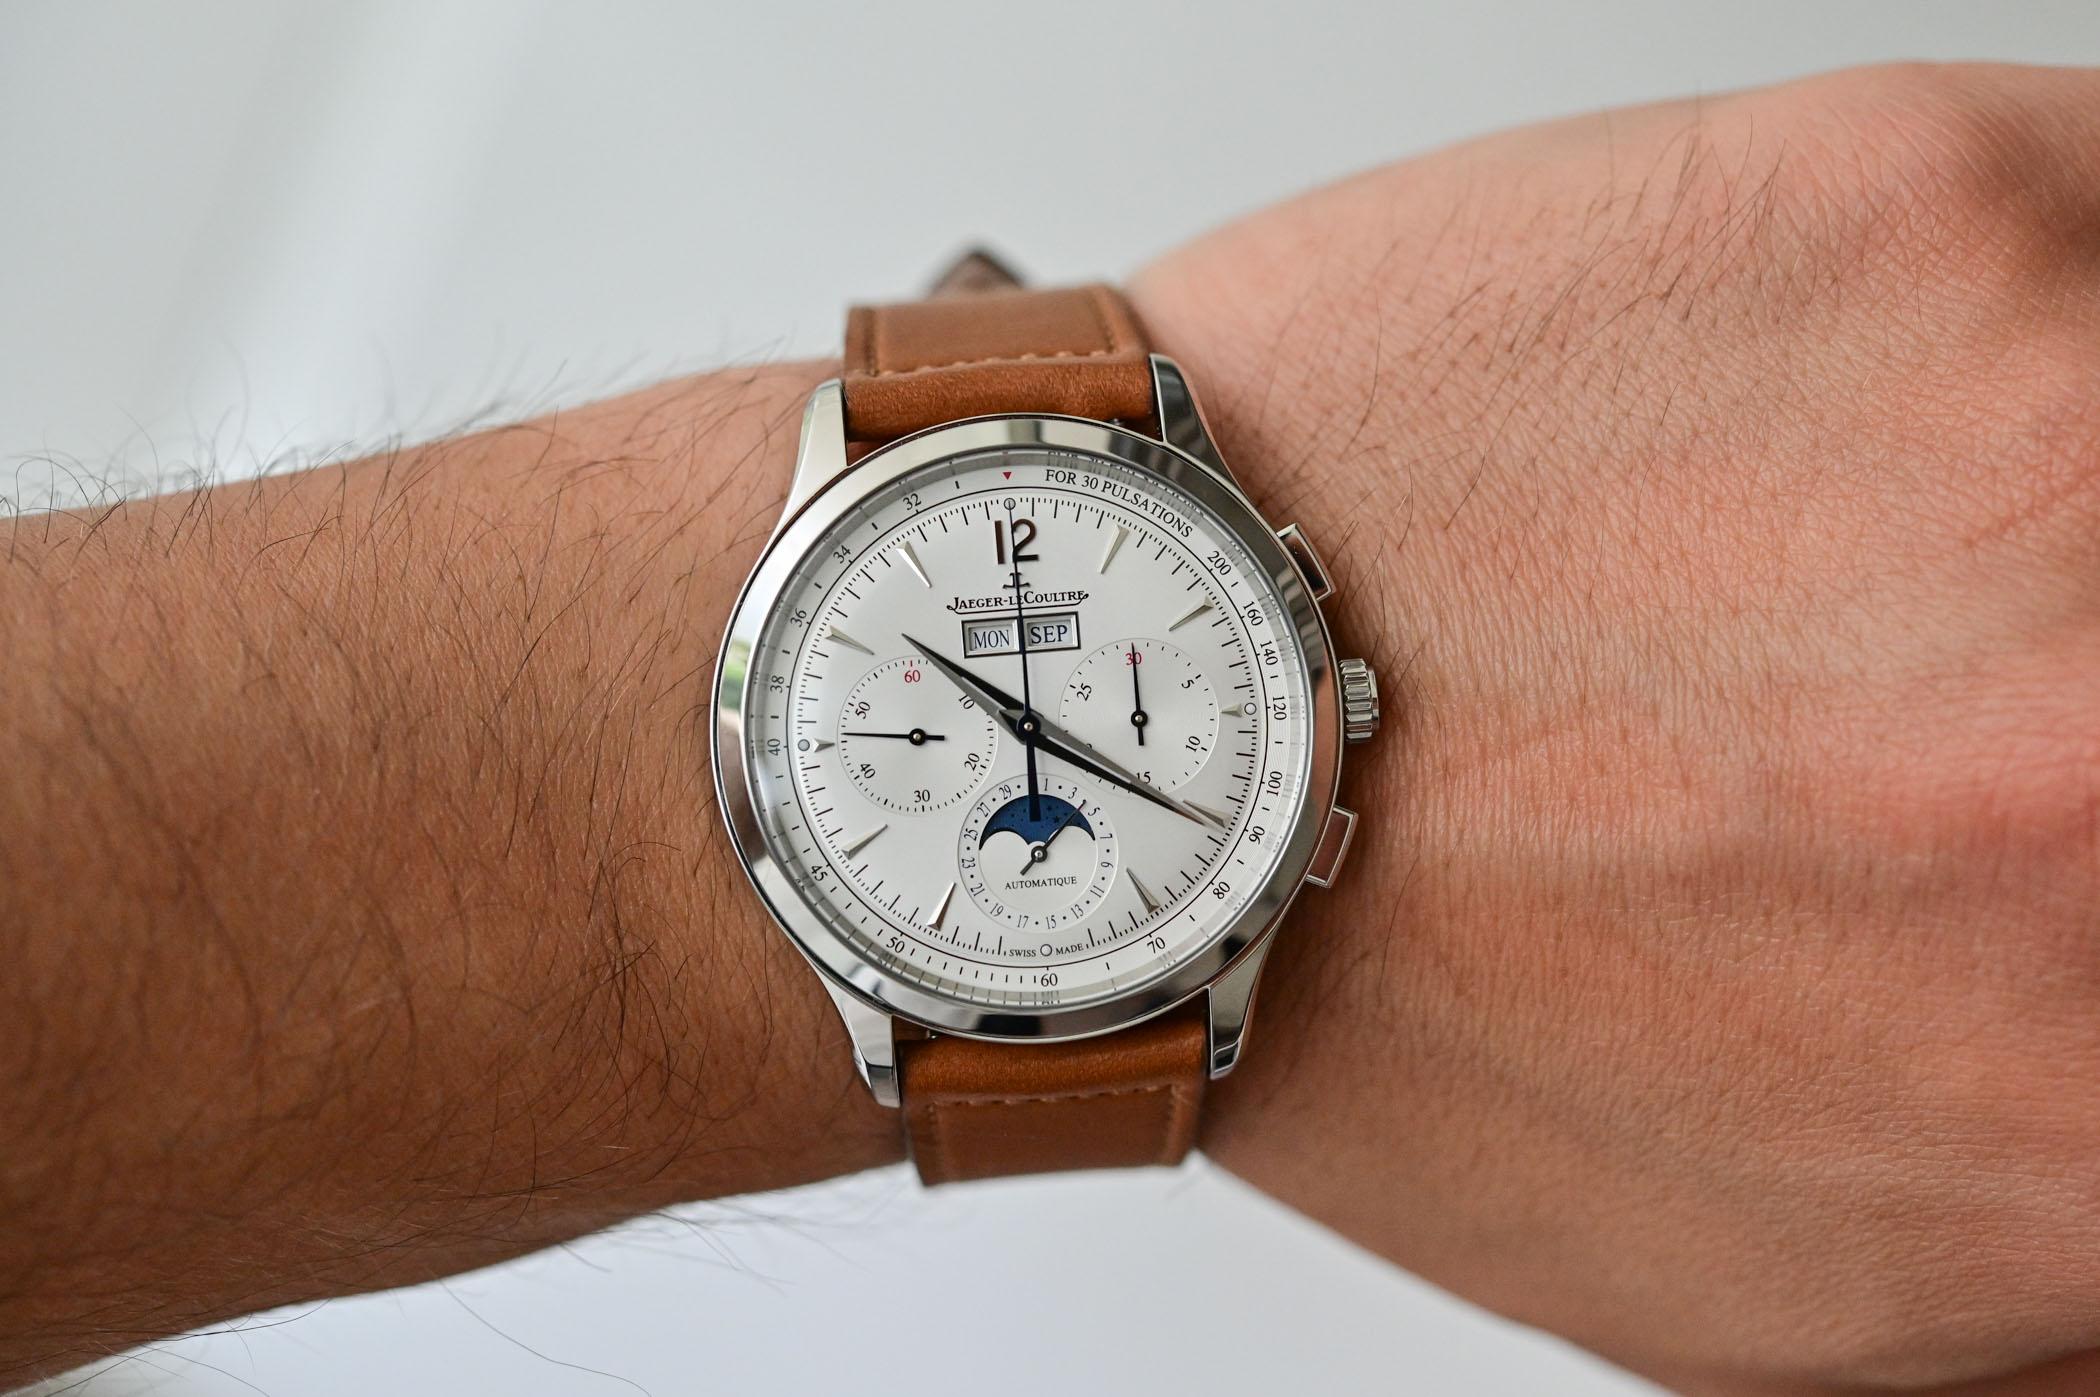 Jaeger-LeCoultre Master Control Chronograph Calendar 2020 - 4138420